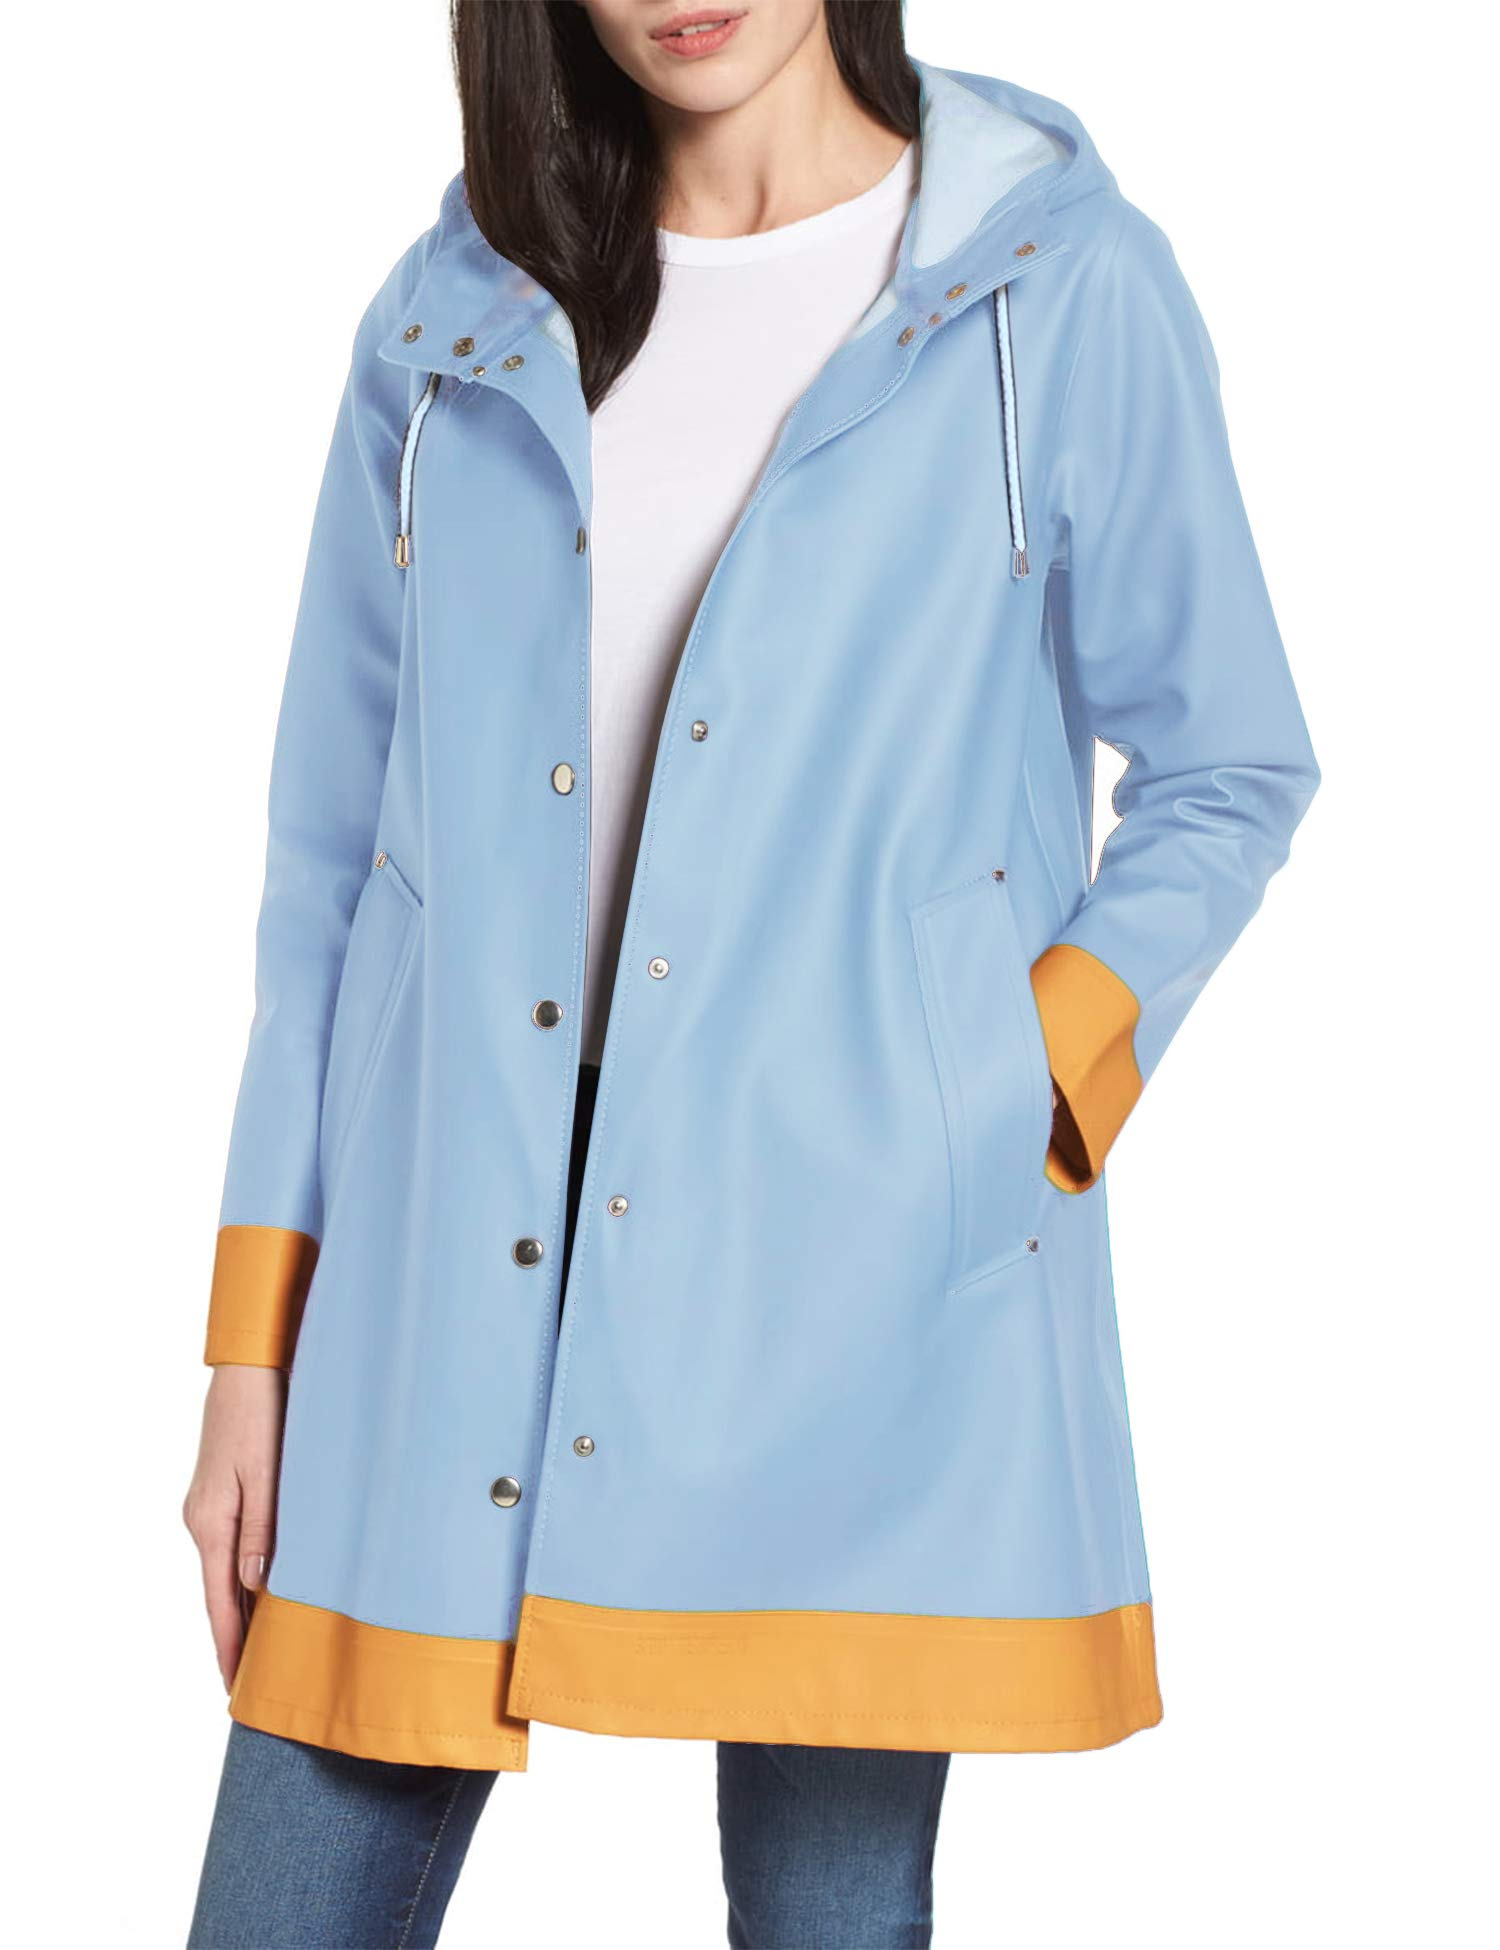 SUNAELIA Women Raincoat with Hood Waterproof Rain Jacket Contrast Outdoor Lightweight Rain Coats